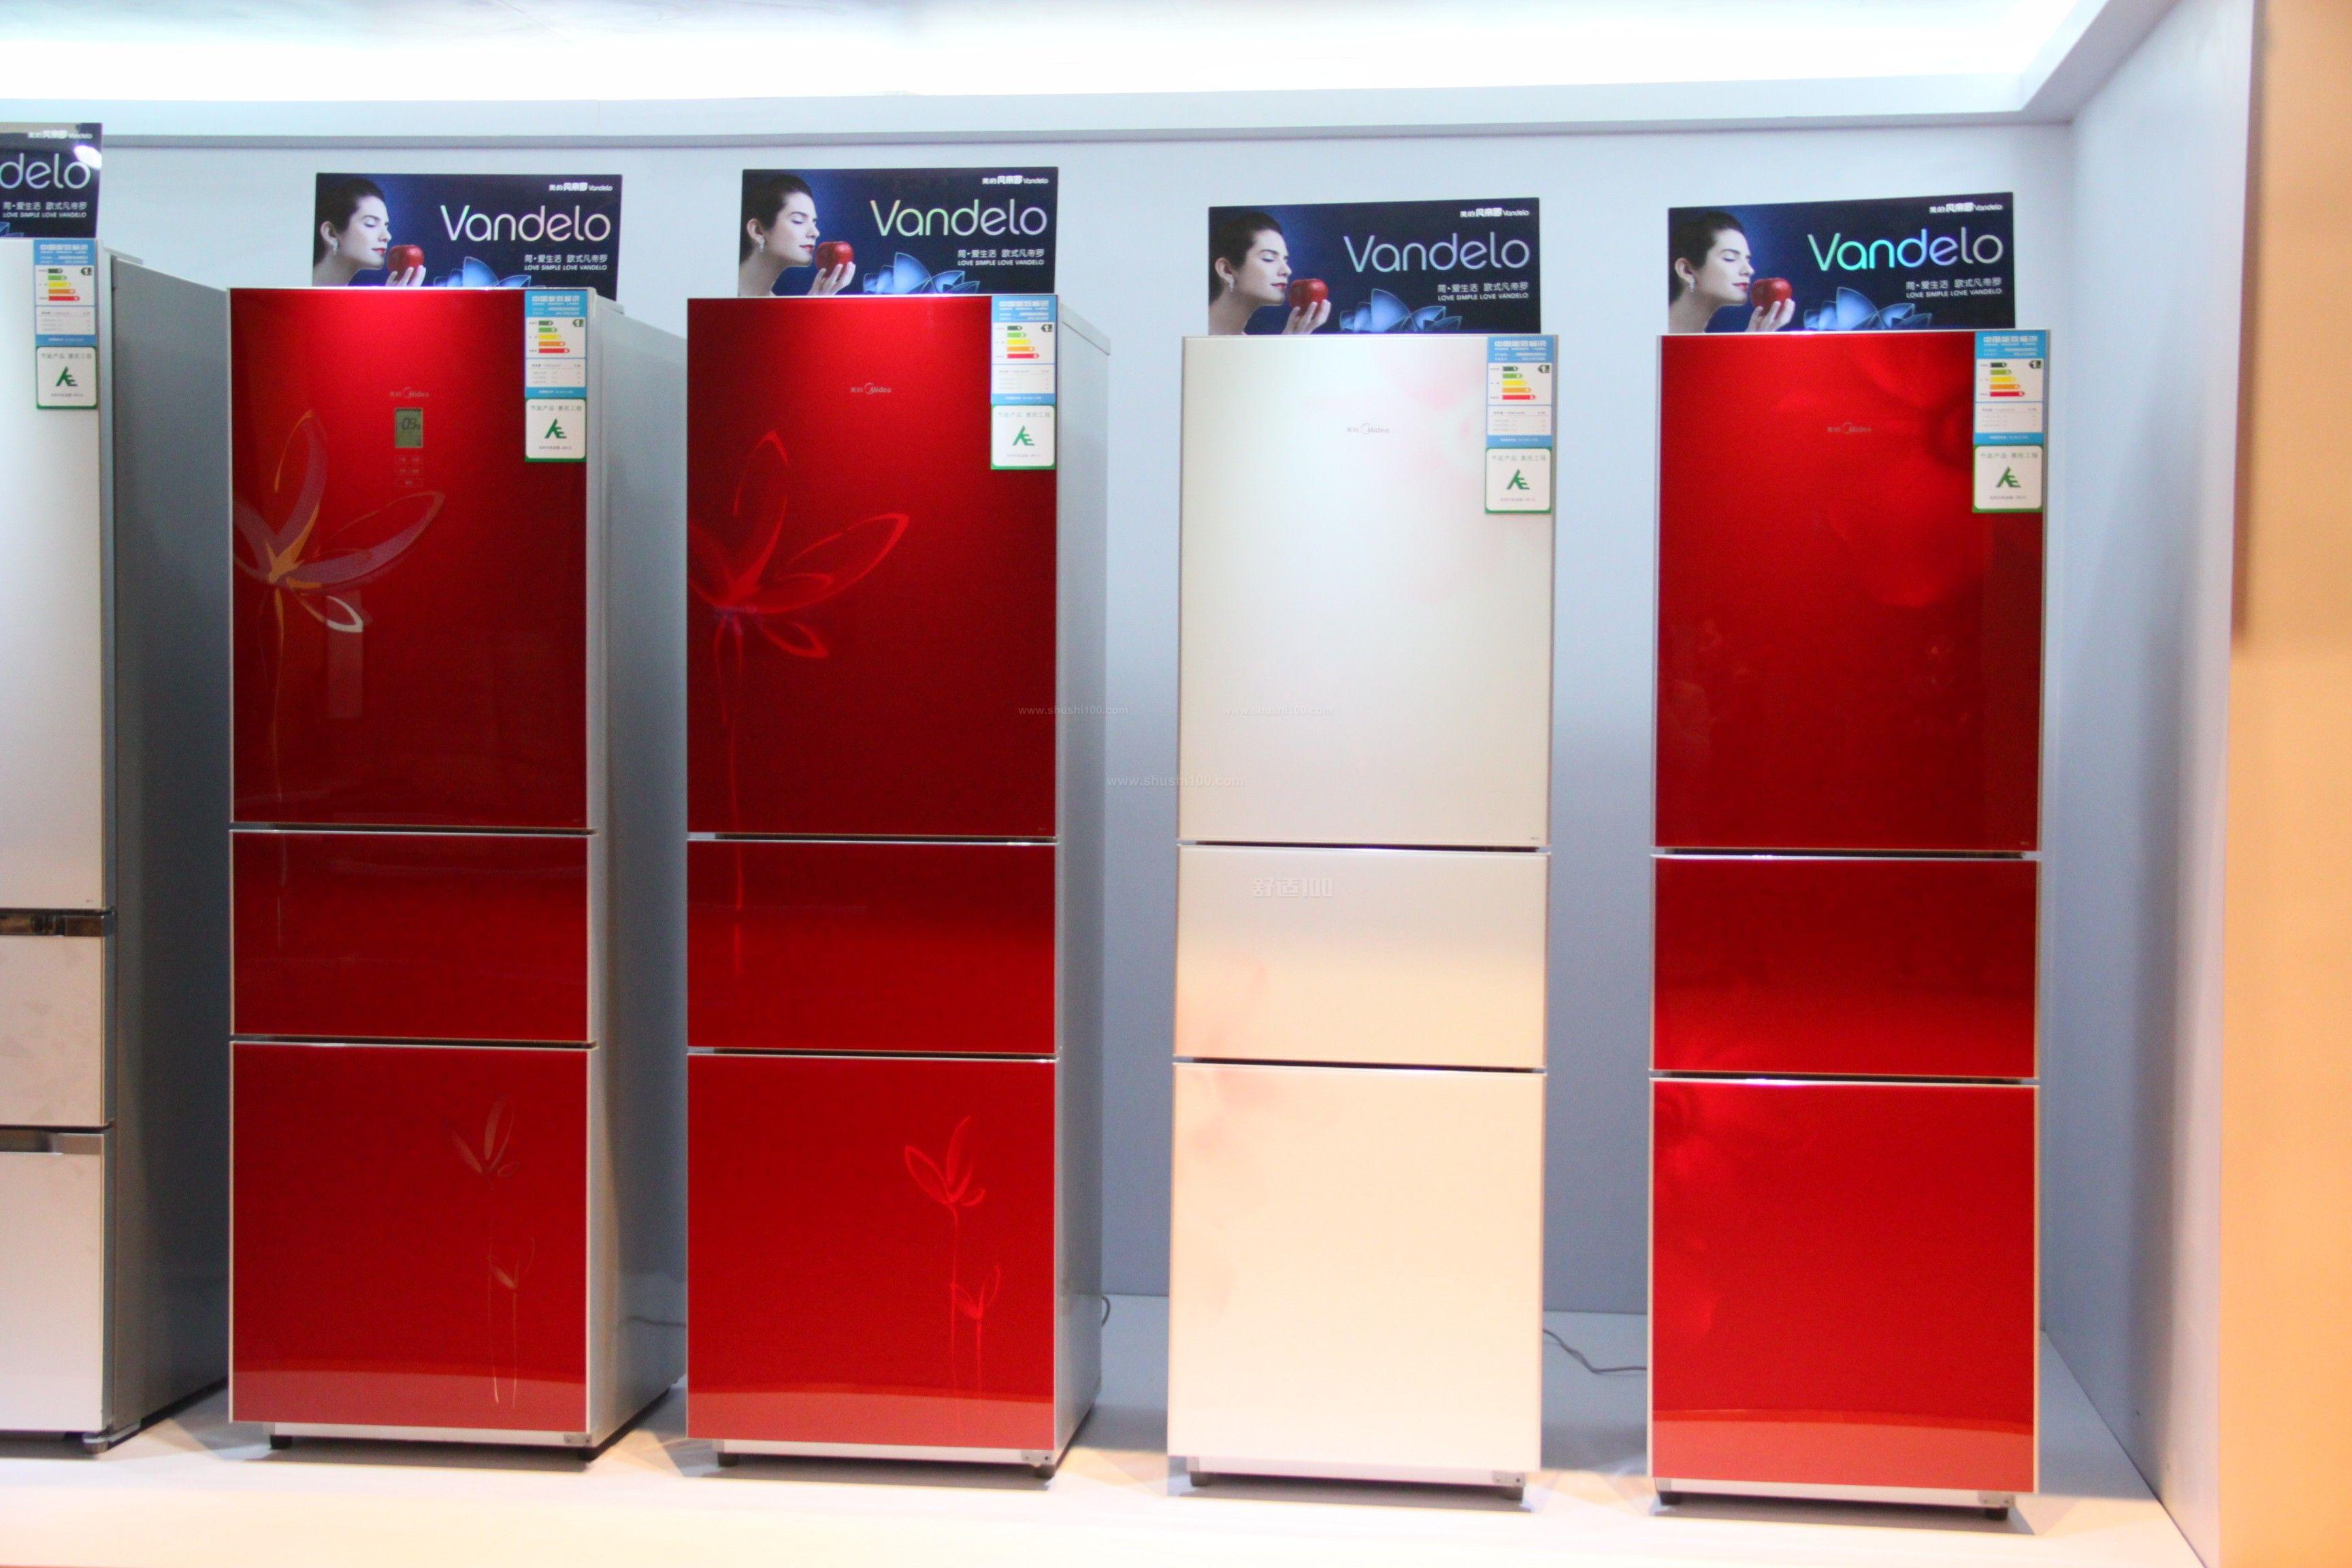 冰箱不断电怎么除冰,冰箱快速除冰的小窍门简单有效